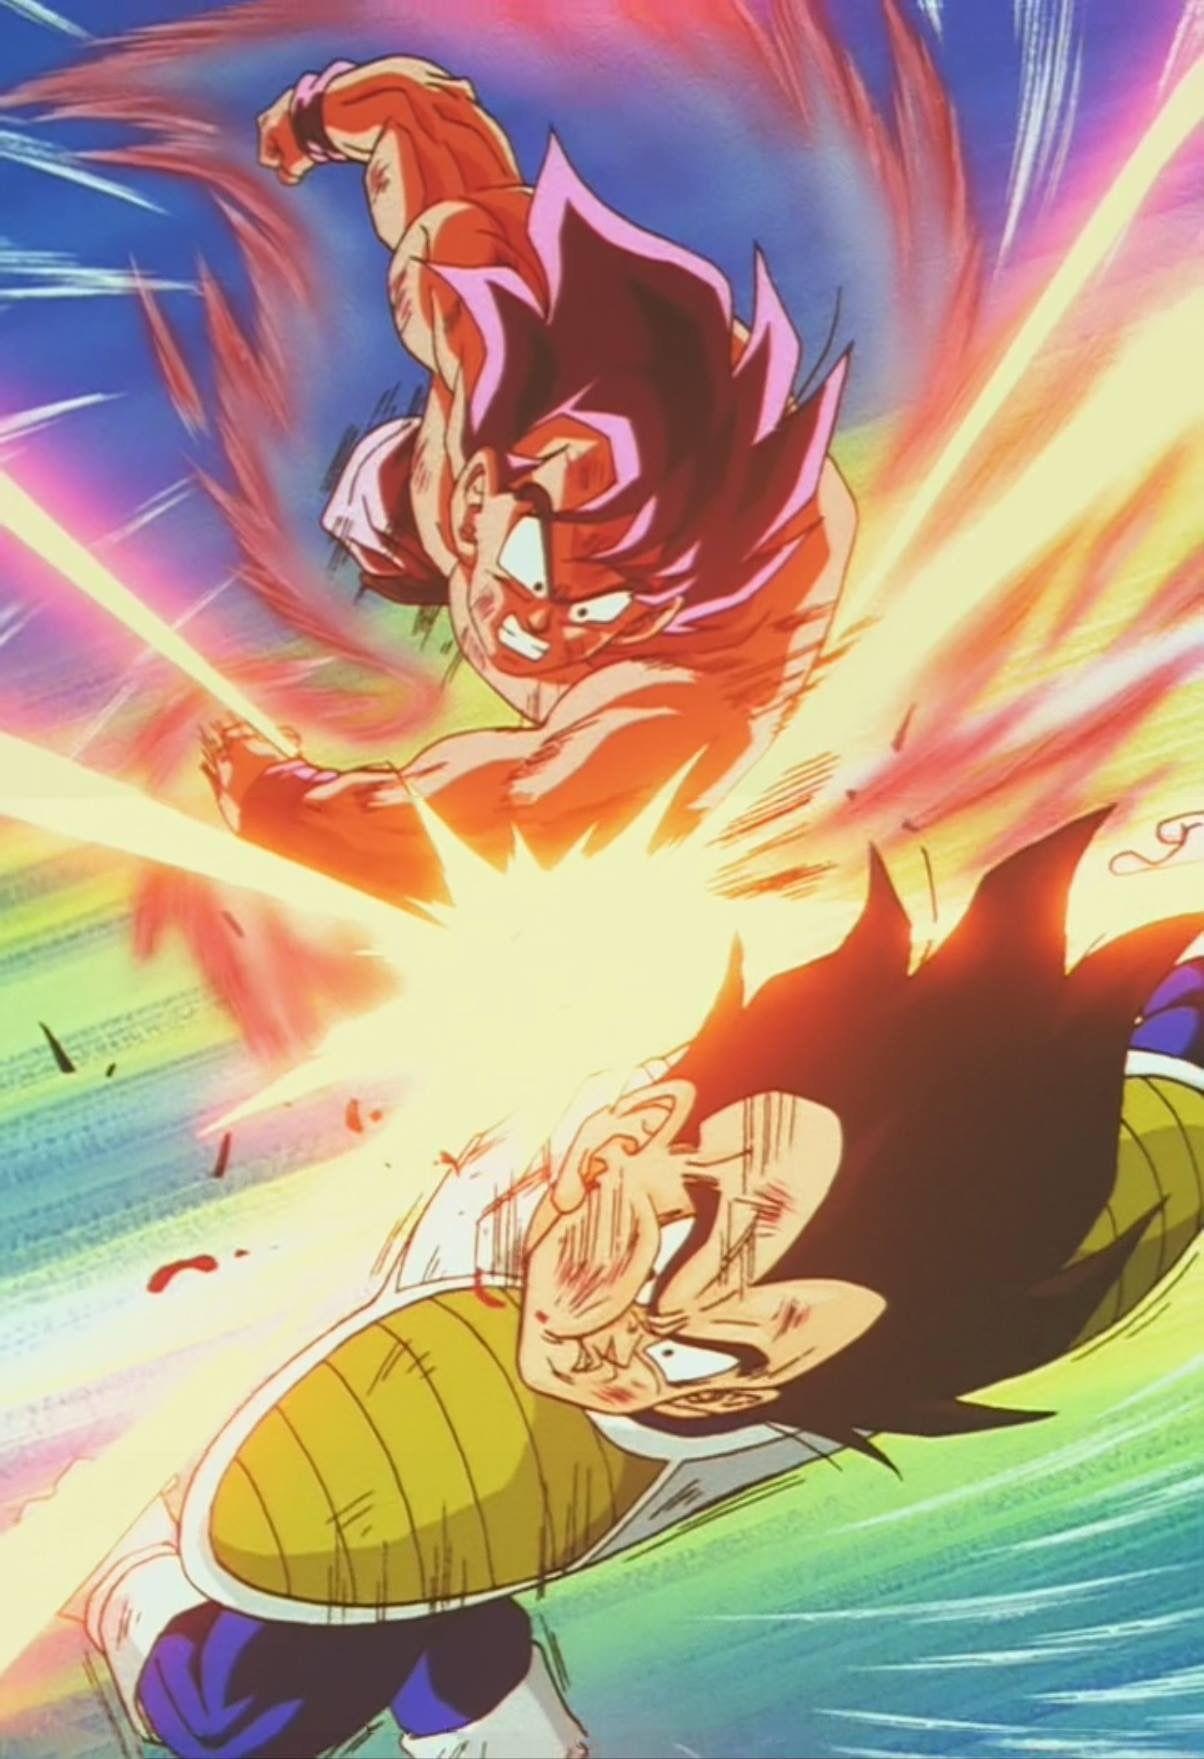 Goku Vs Vegeta Kaio Ken Saga De Vegeta Goku Y Vegeta Personajes De Dragon Ball Personajes De Goku